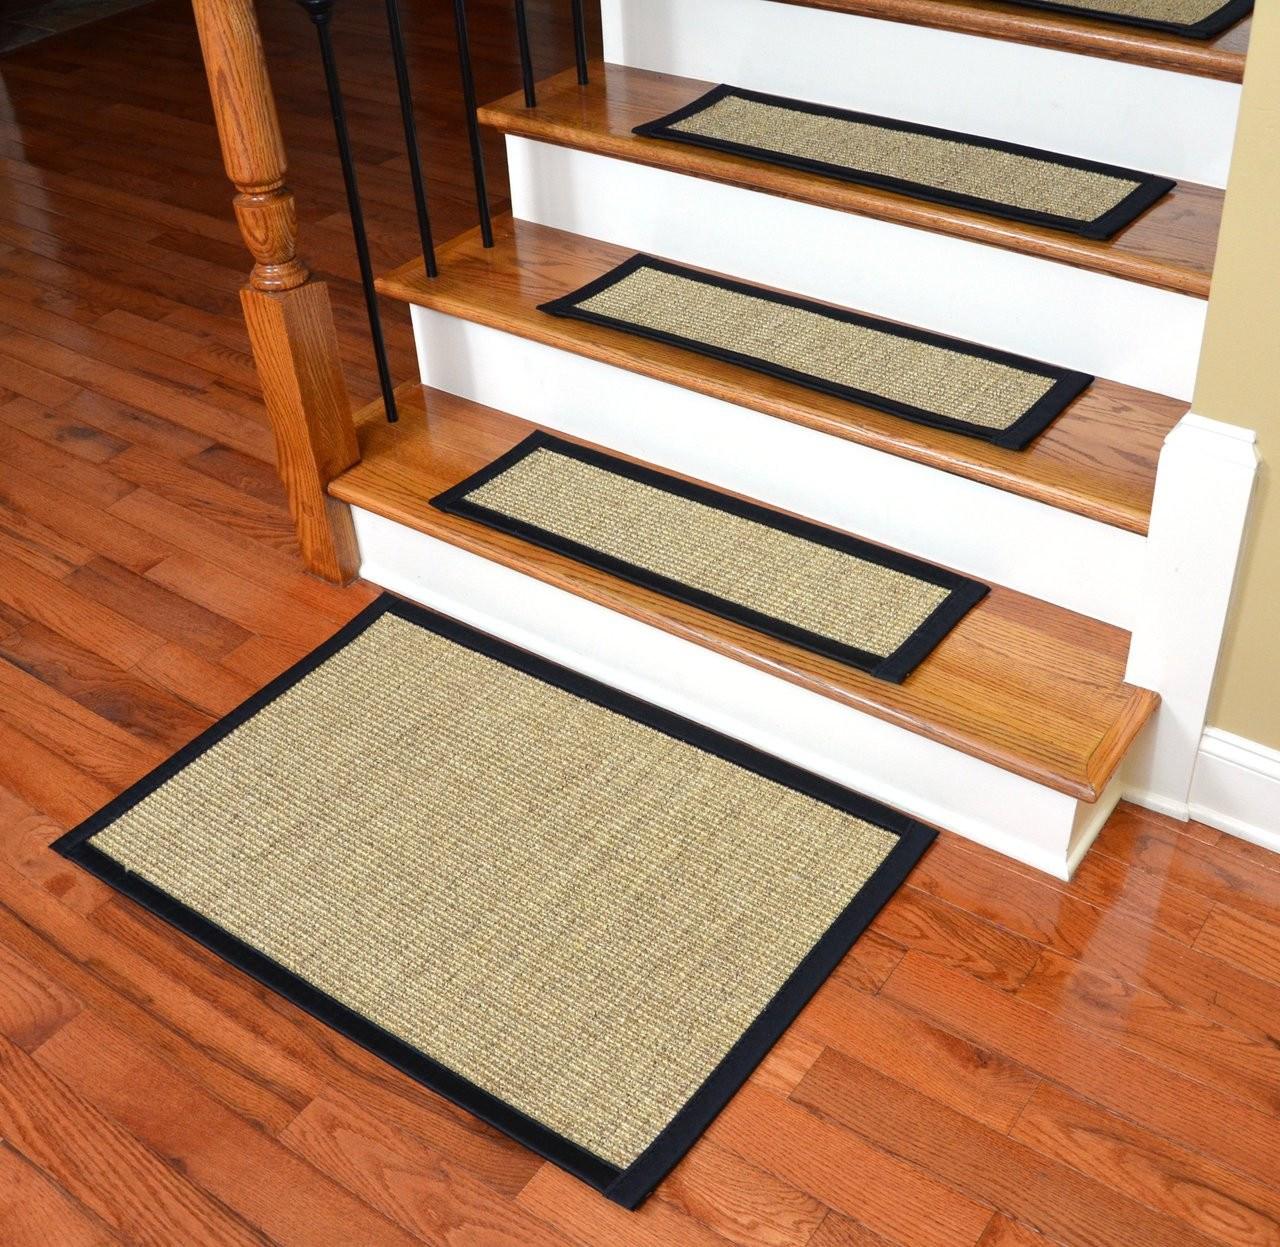 Dean Sisal Carpet Stair Treads And Mat Set Of 13 | Dean Flooring Stair Treads | Fiber Sisal | Bullnose Wraparound | Stick Bullnose | Sisal Carpet | Washable Non